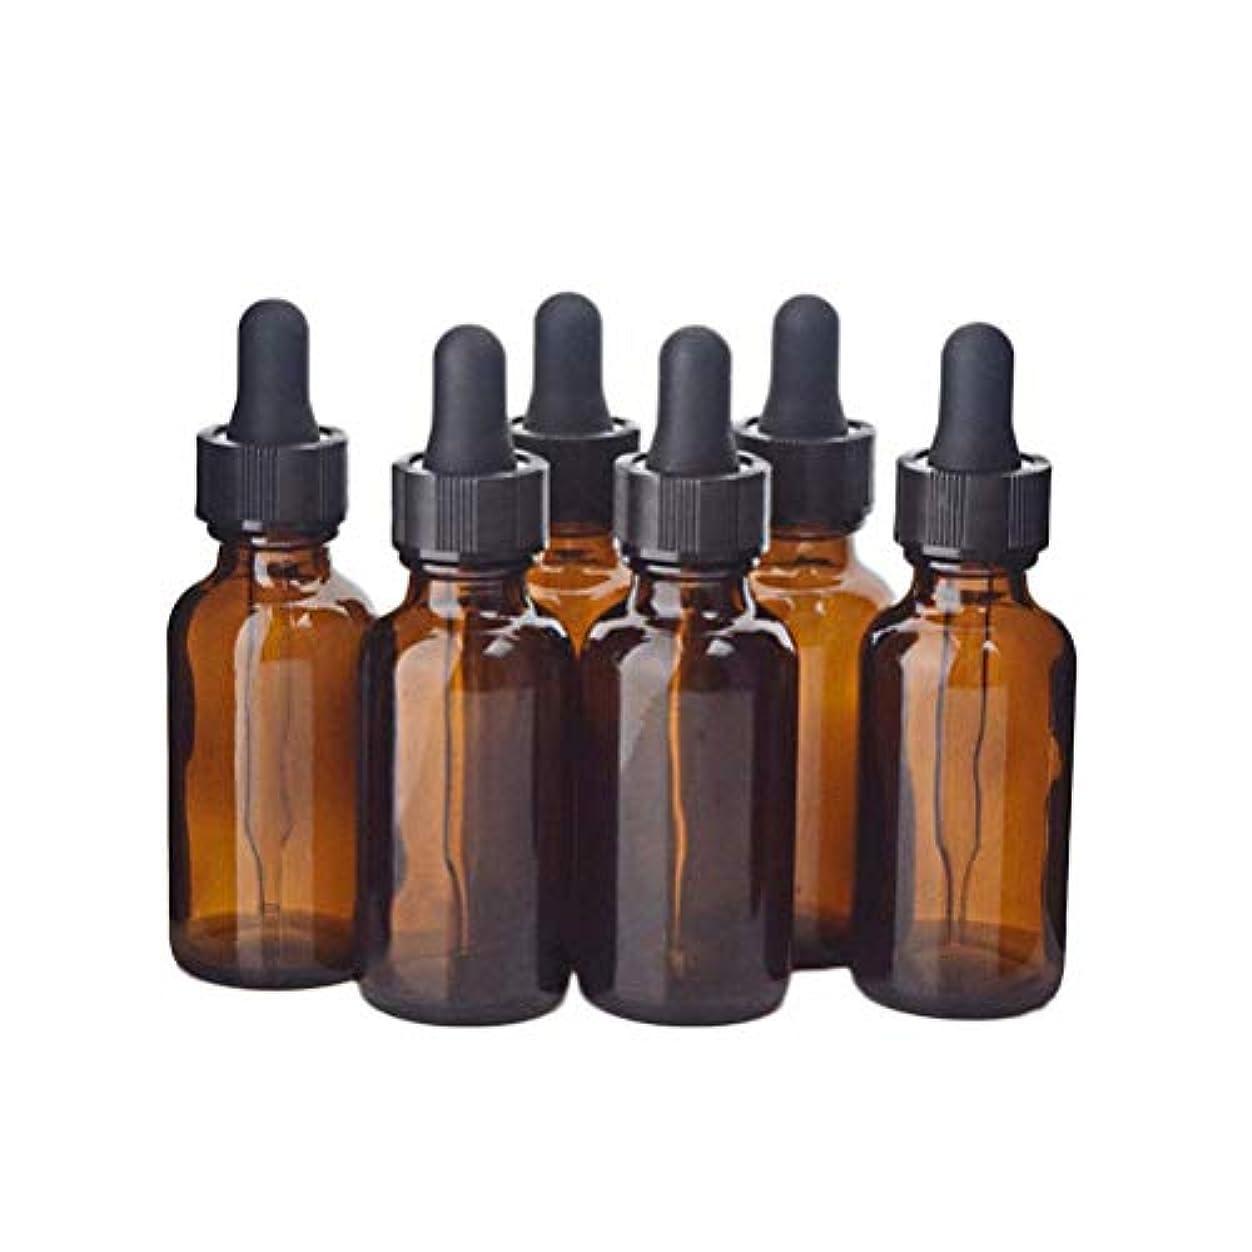 踏み台プラスチックロケット遮光瓶 アロマオイル 精油 香水やアロマの保存 小分け用 遮光瓶 30ml 12本セット茶色